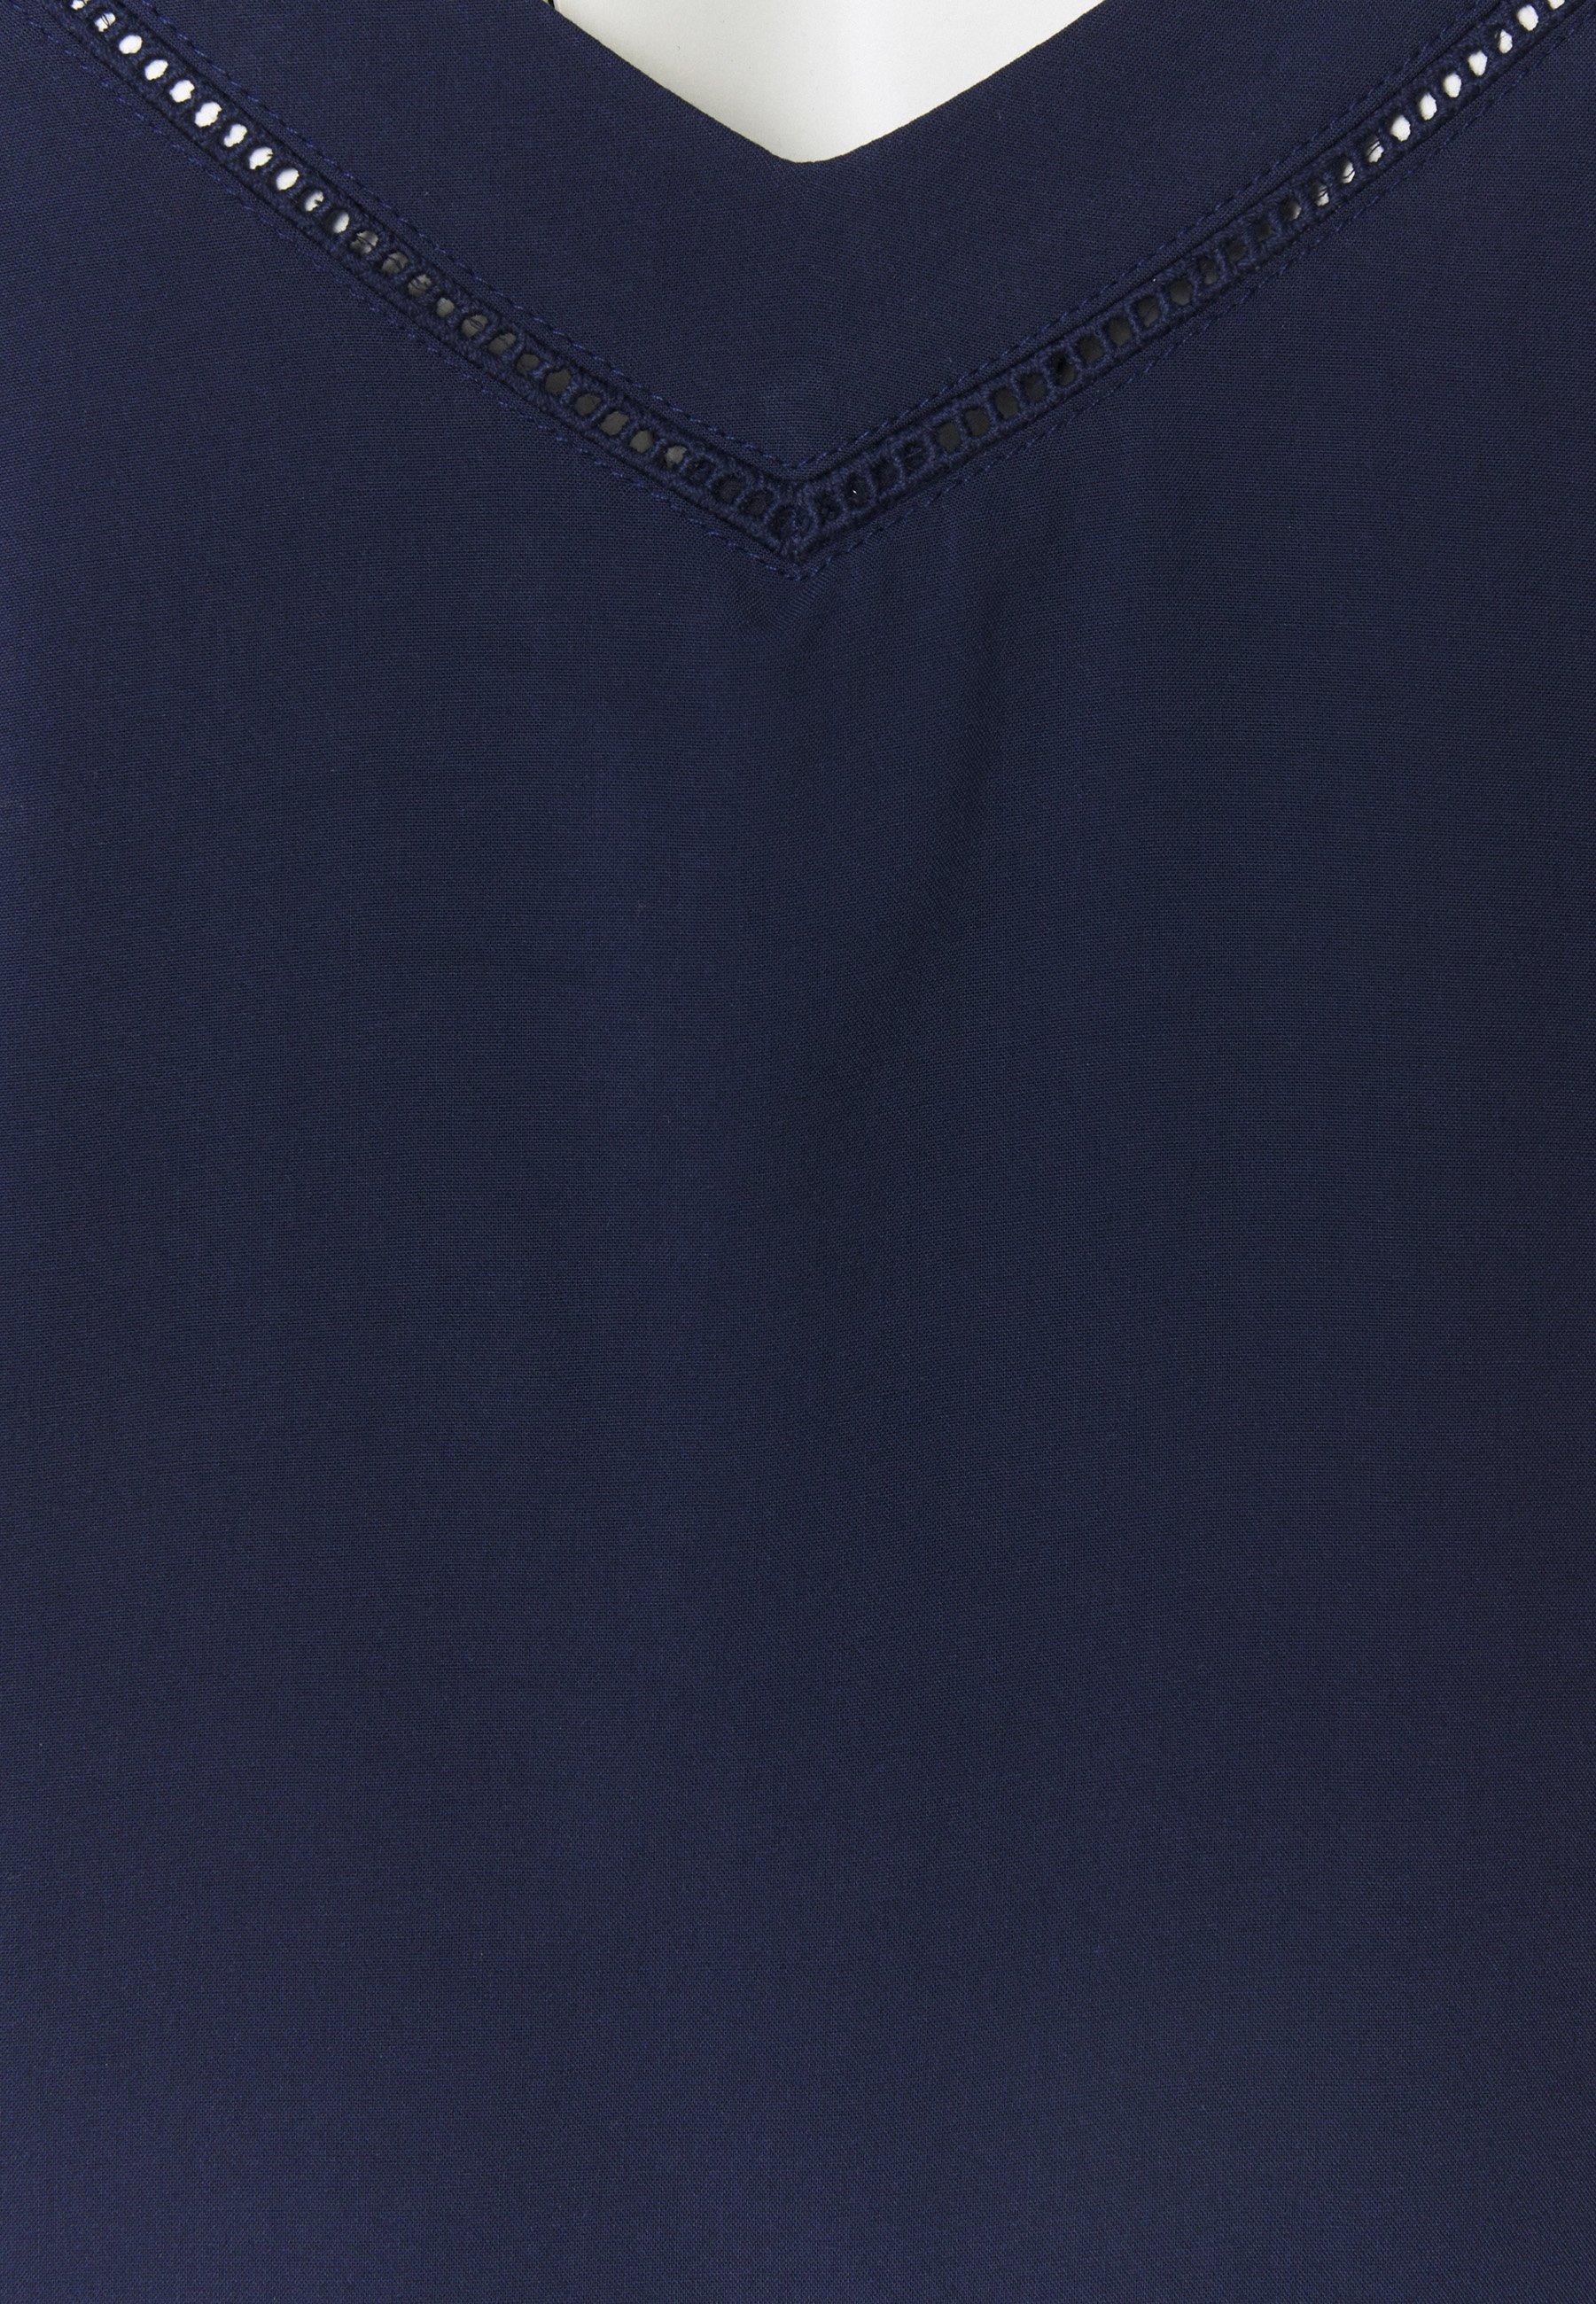 Donna SONGE TOP - Maglia del pigiama